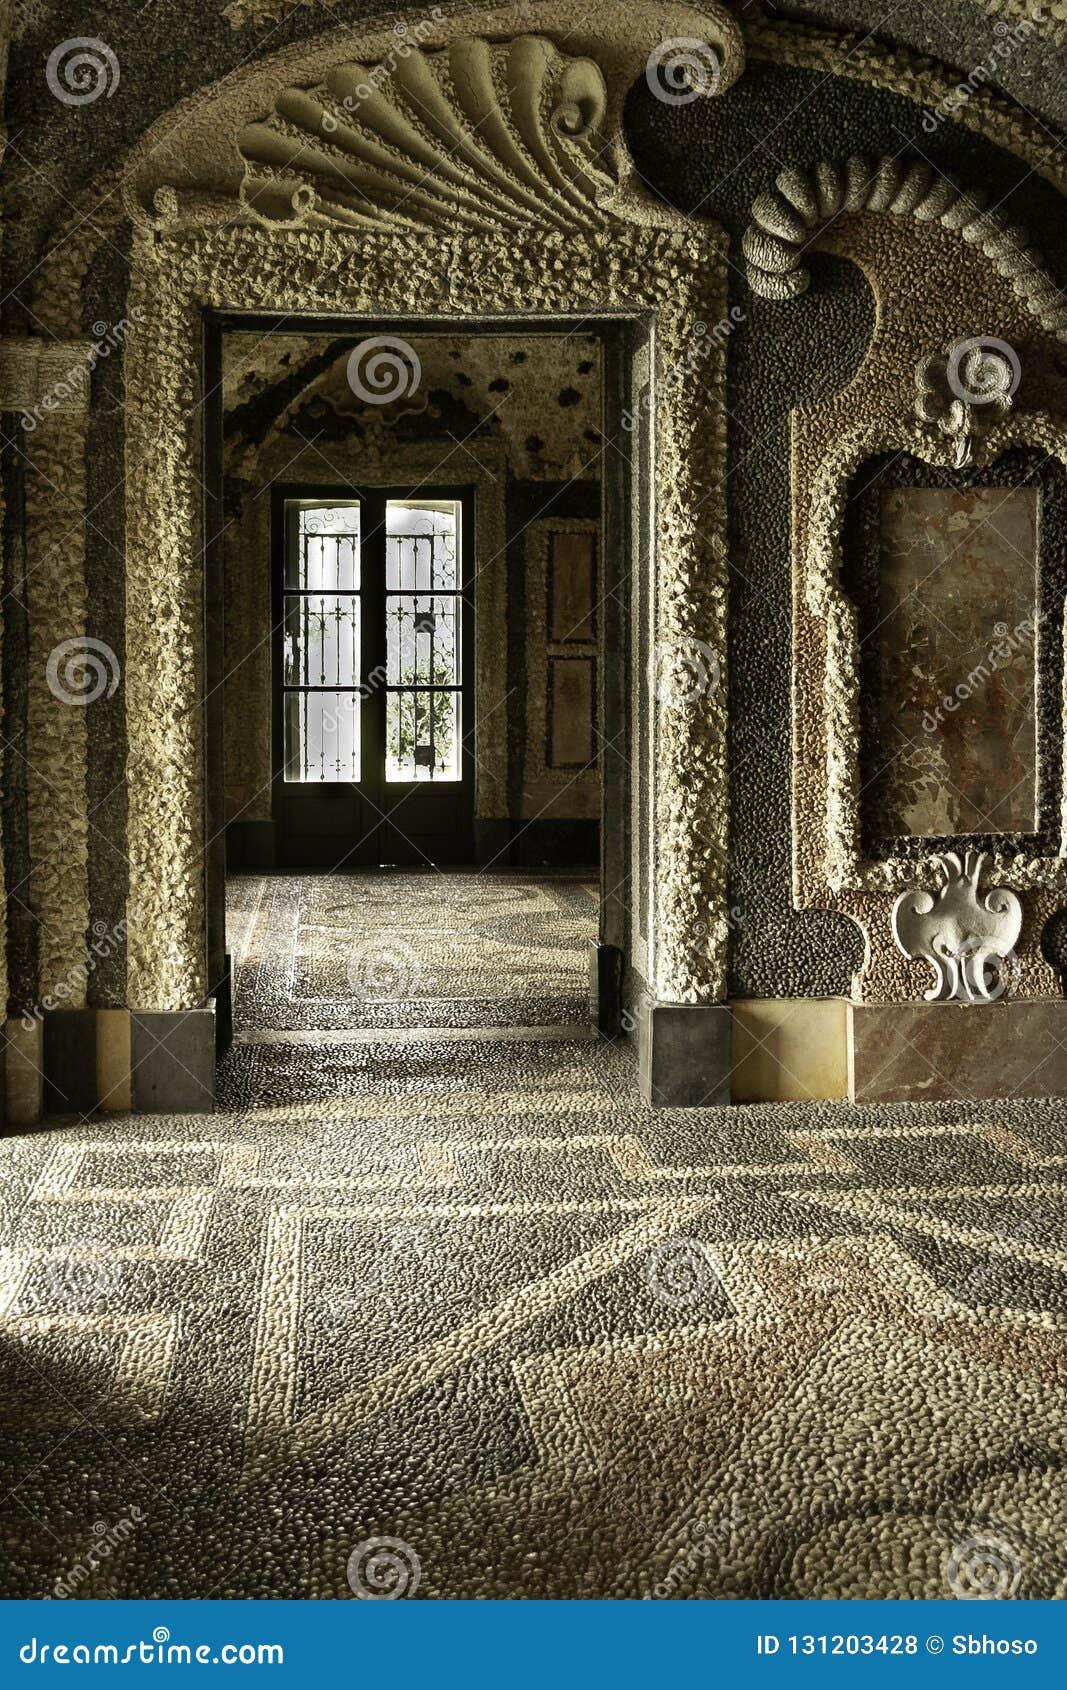 Закрытый номер исторического белых & черных pebbled пола, стен и потолка с геометрическими картинами от дворца северной Италии